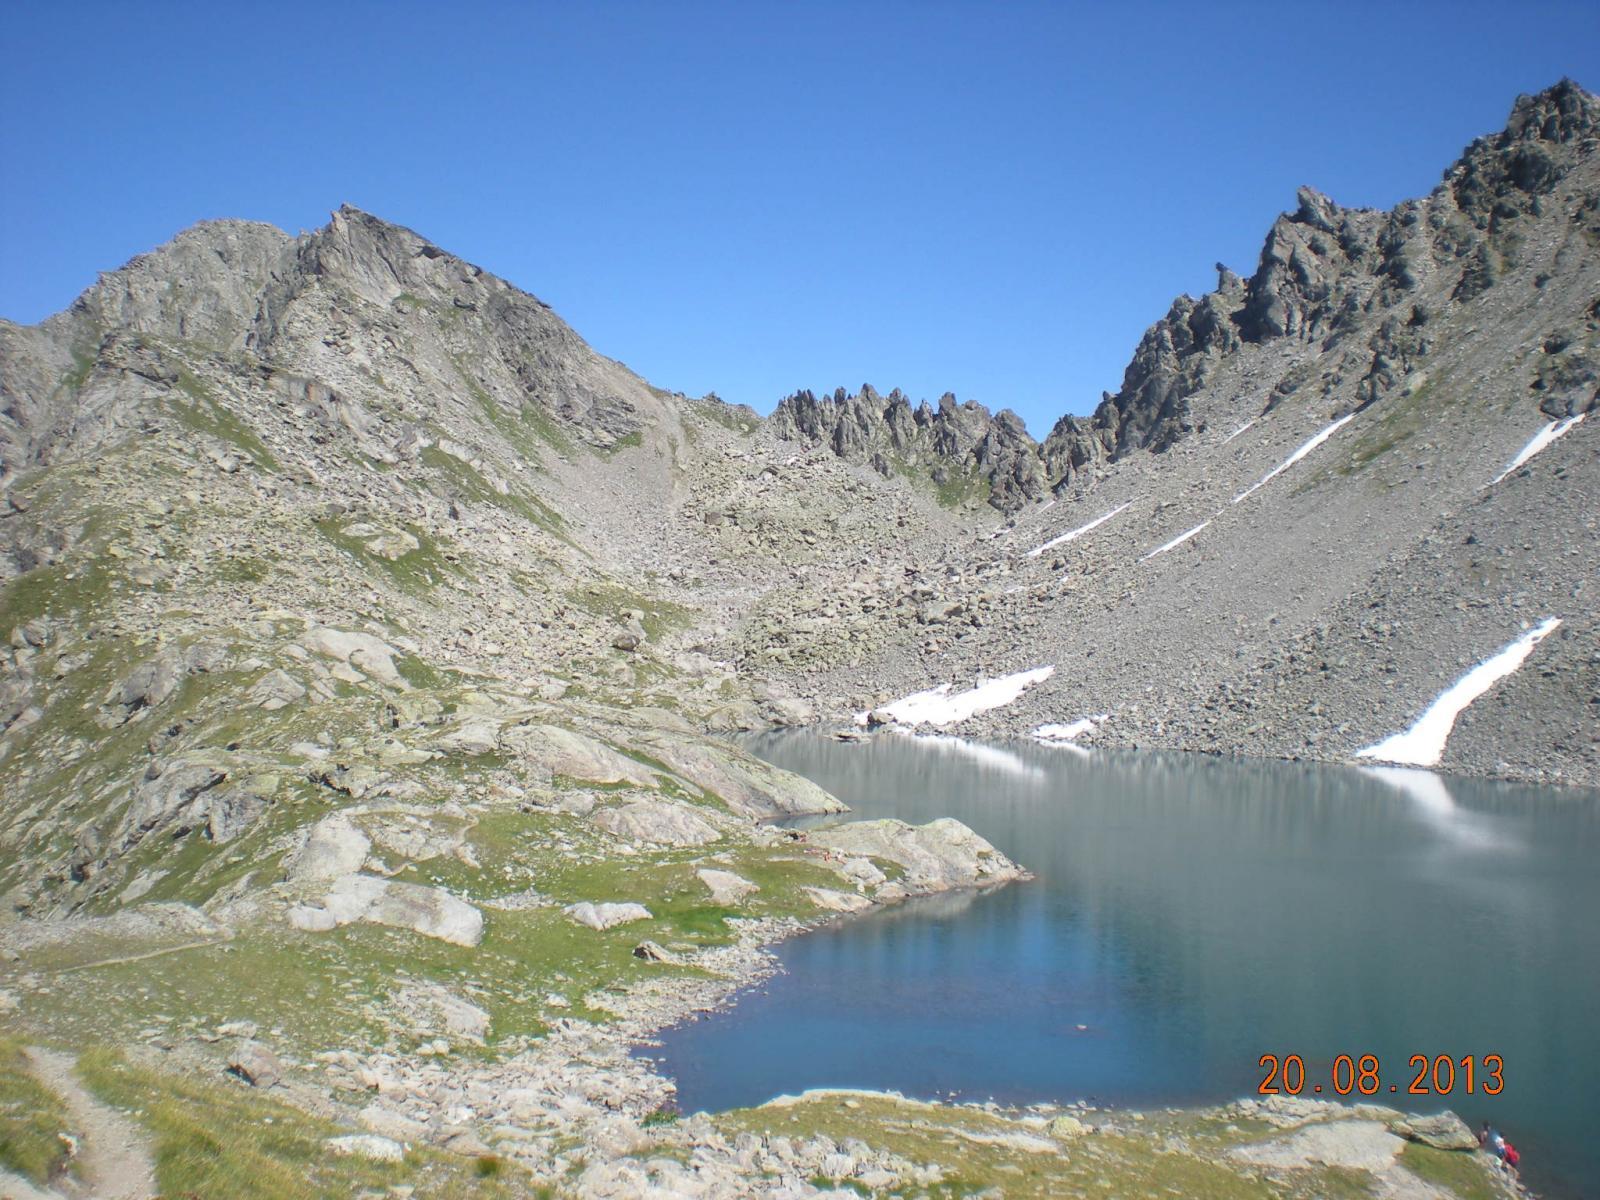 il Passo d'Ameran e la Becca Pouegnenta (anticima) dal Lago di Pietra Rossa